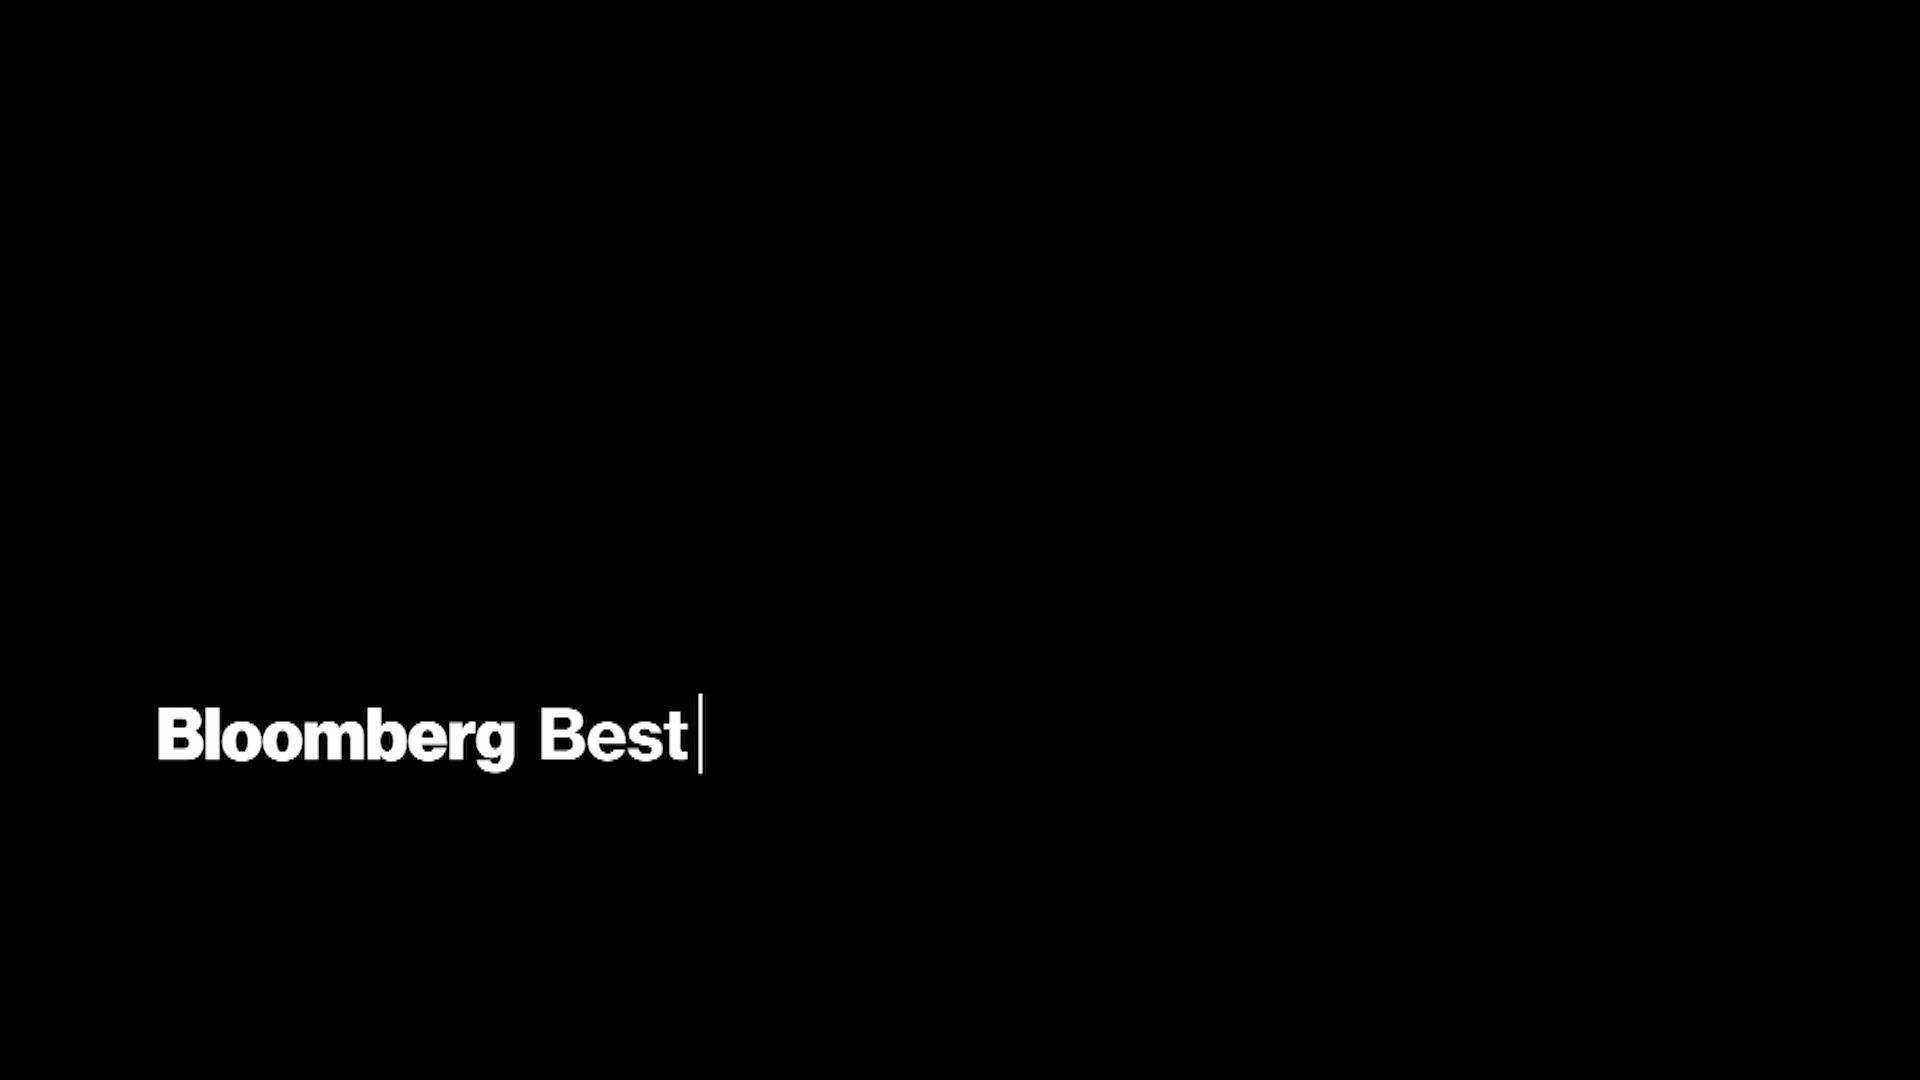 'Bloomberg Best' Full Show (12/13/2019)